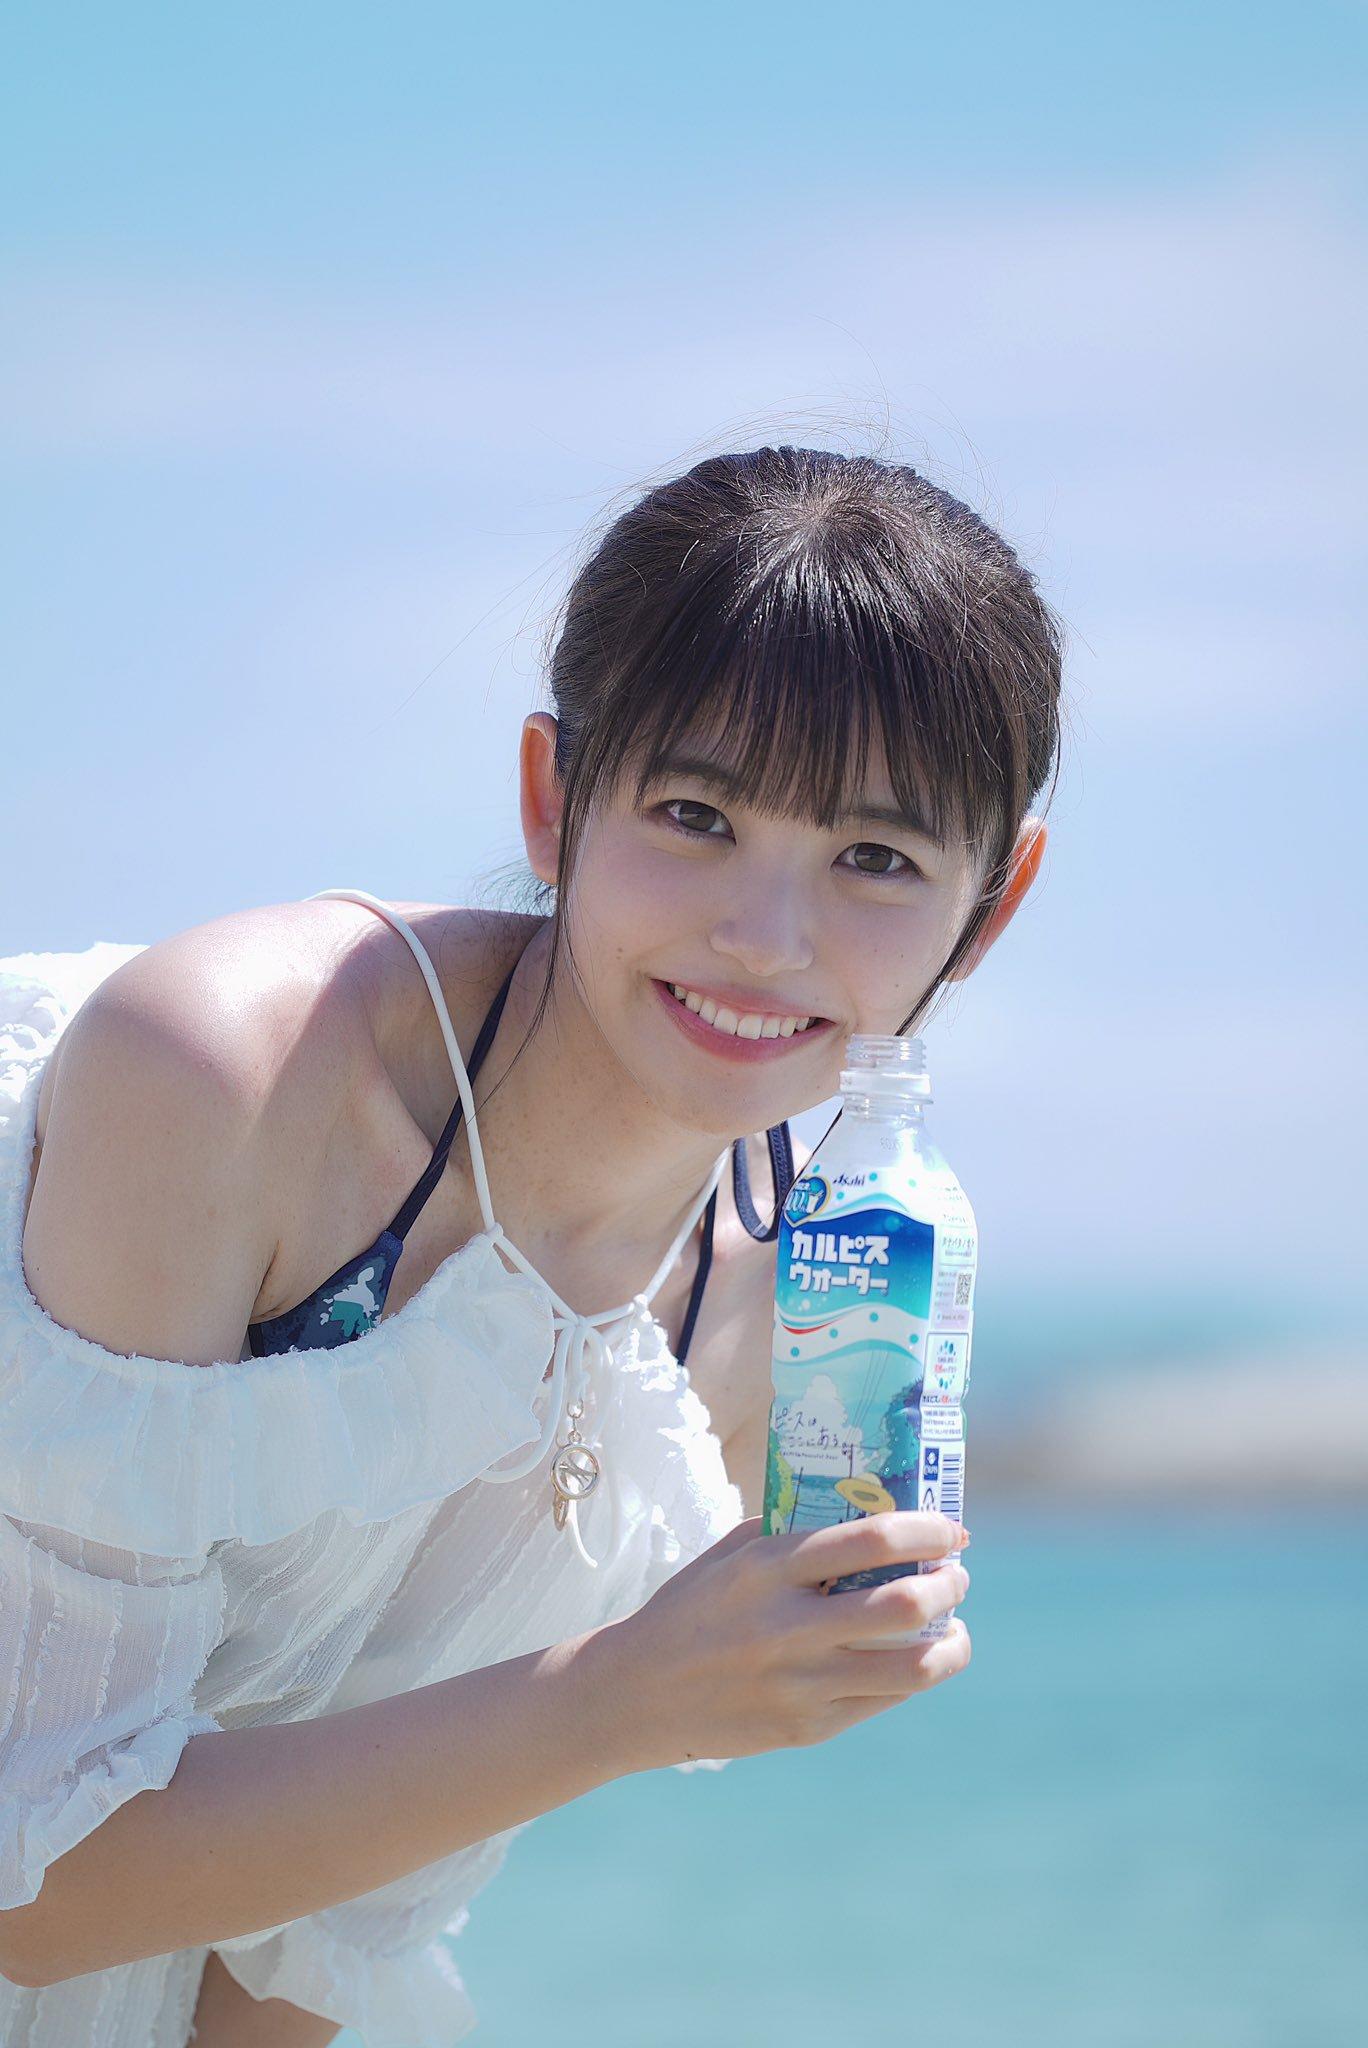 武田雛歩23